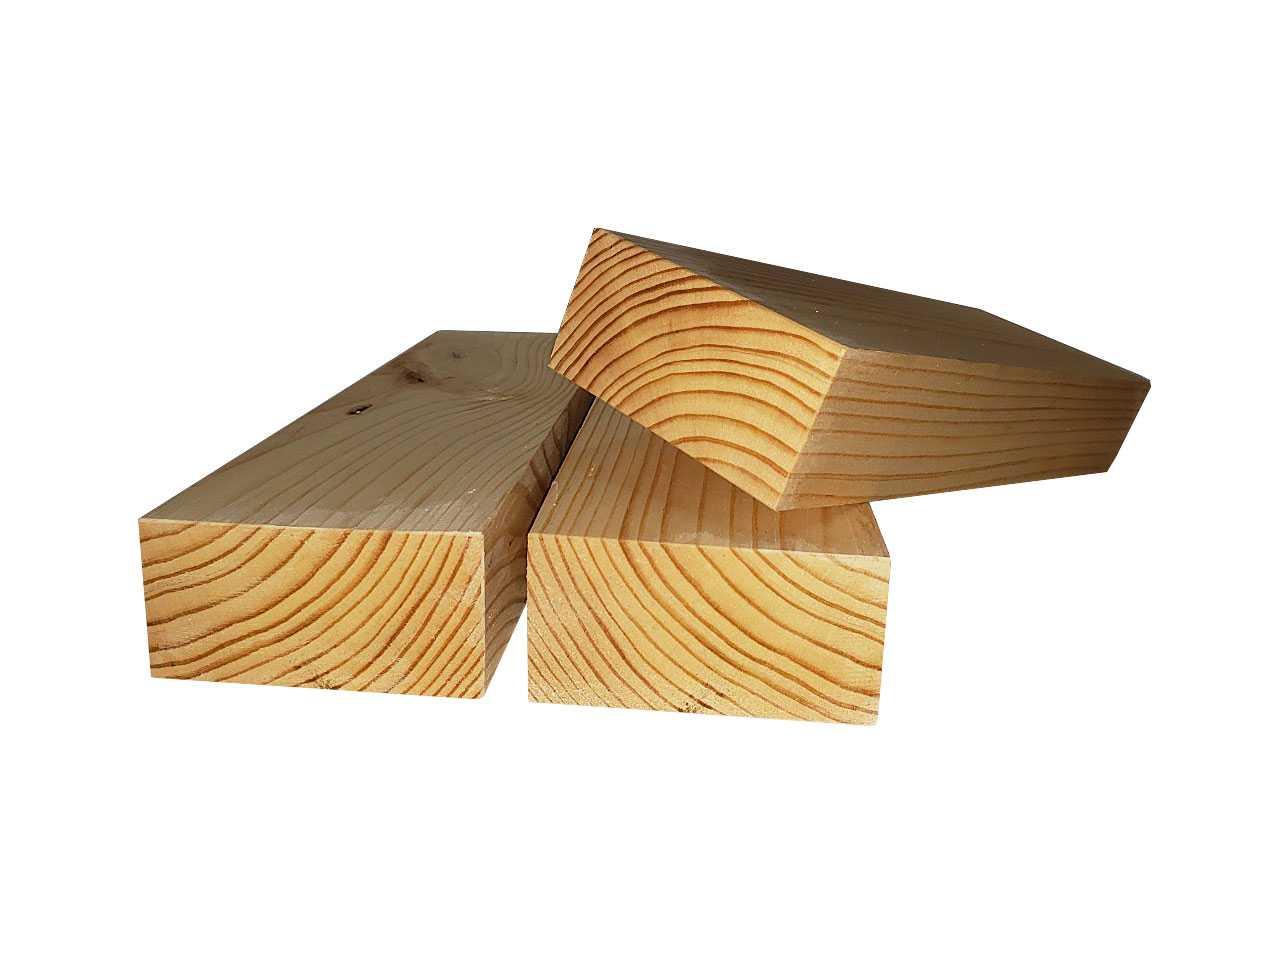 Сосновый брус сухой строганный 100х50 мм